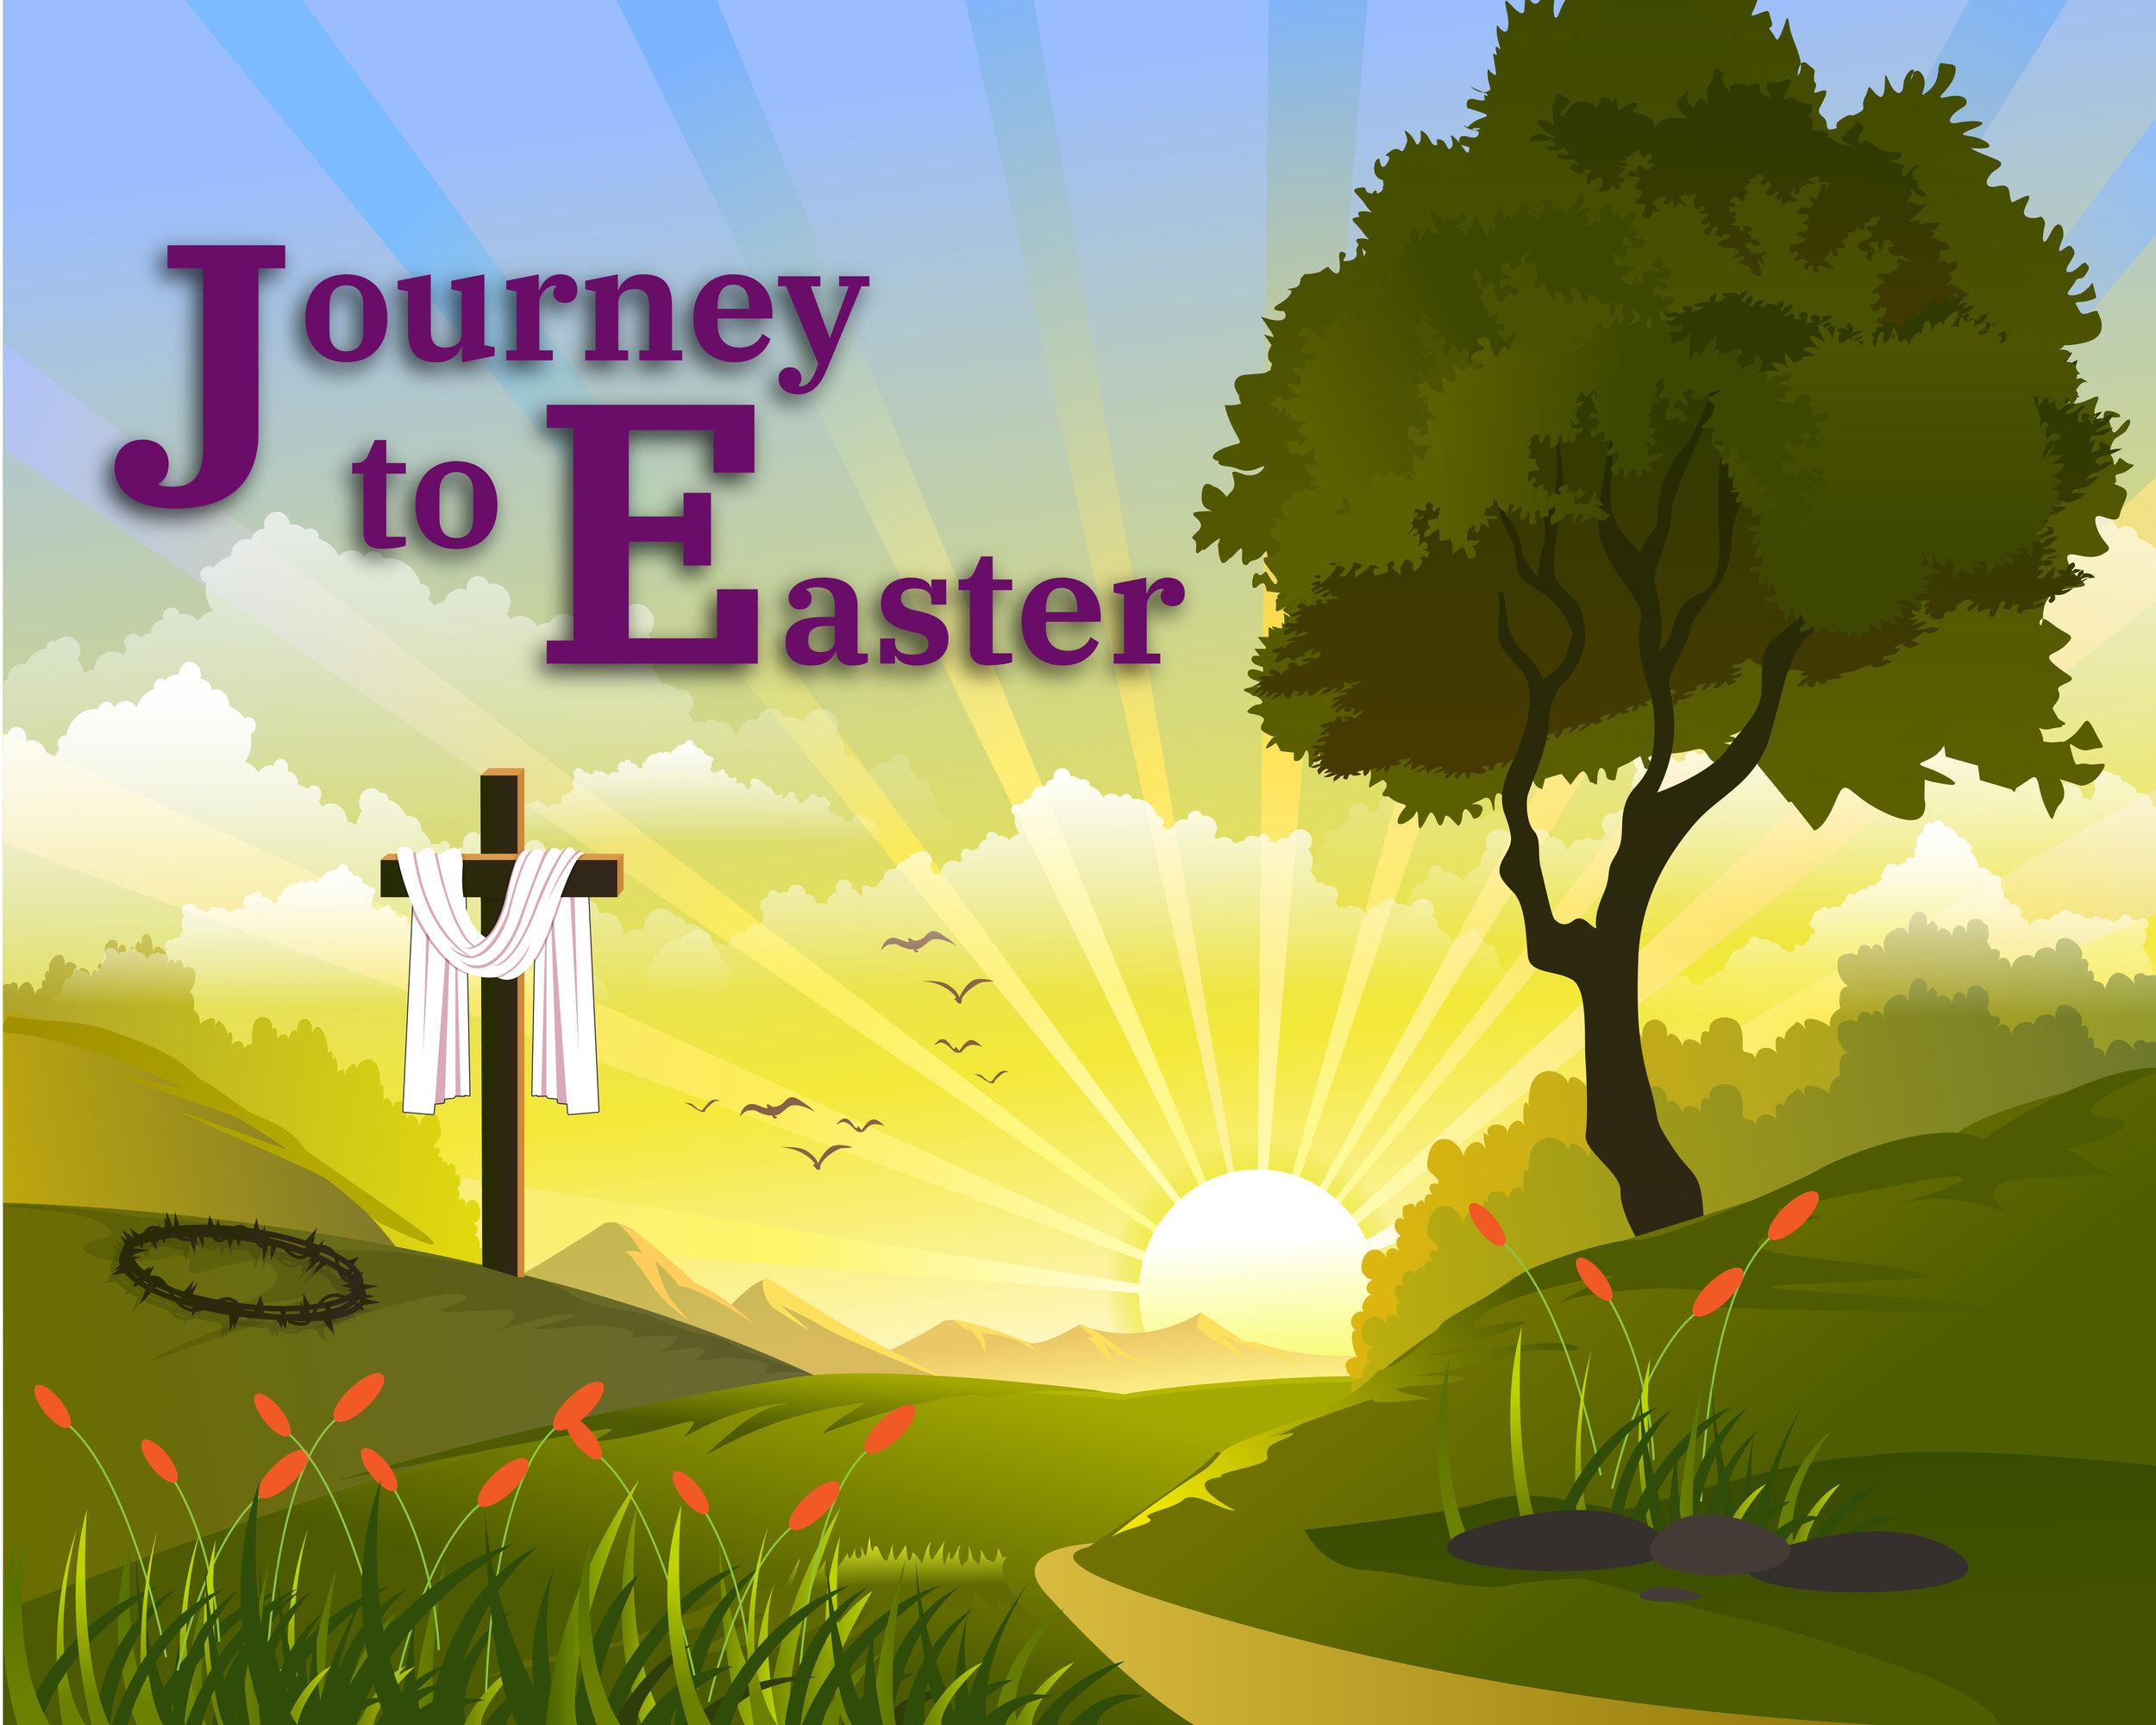 Journey to Easter 2019 v1.jpg